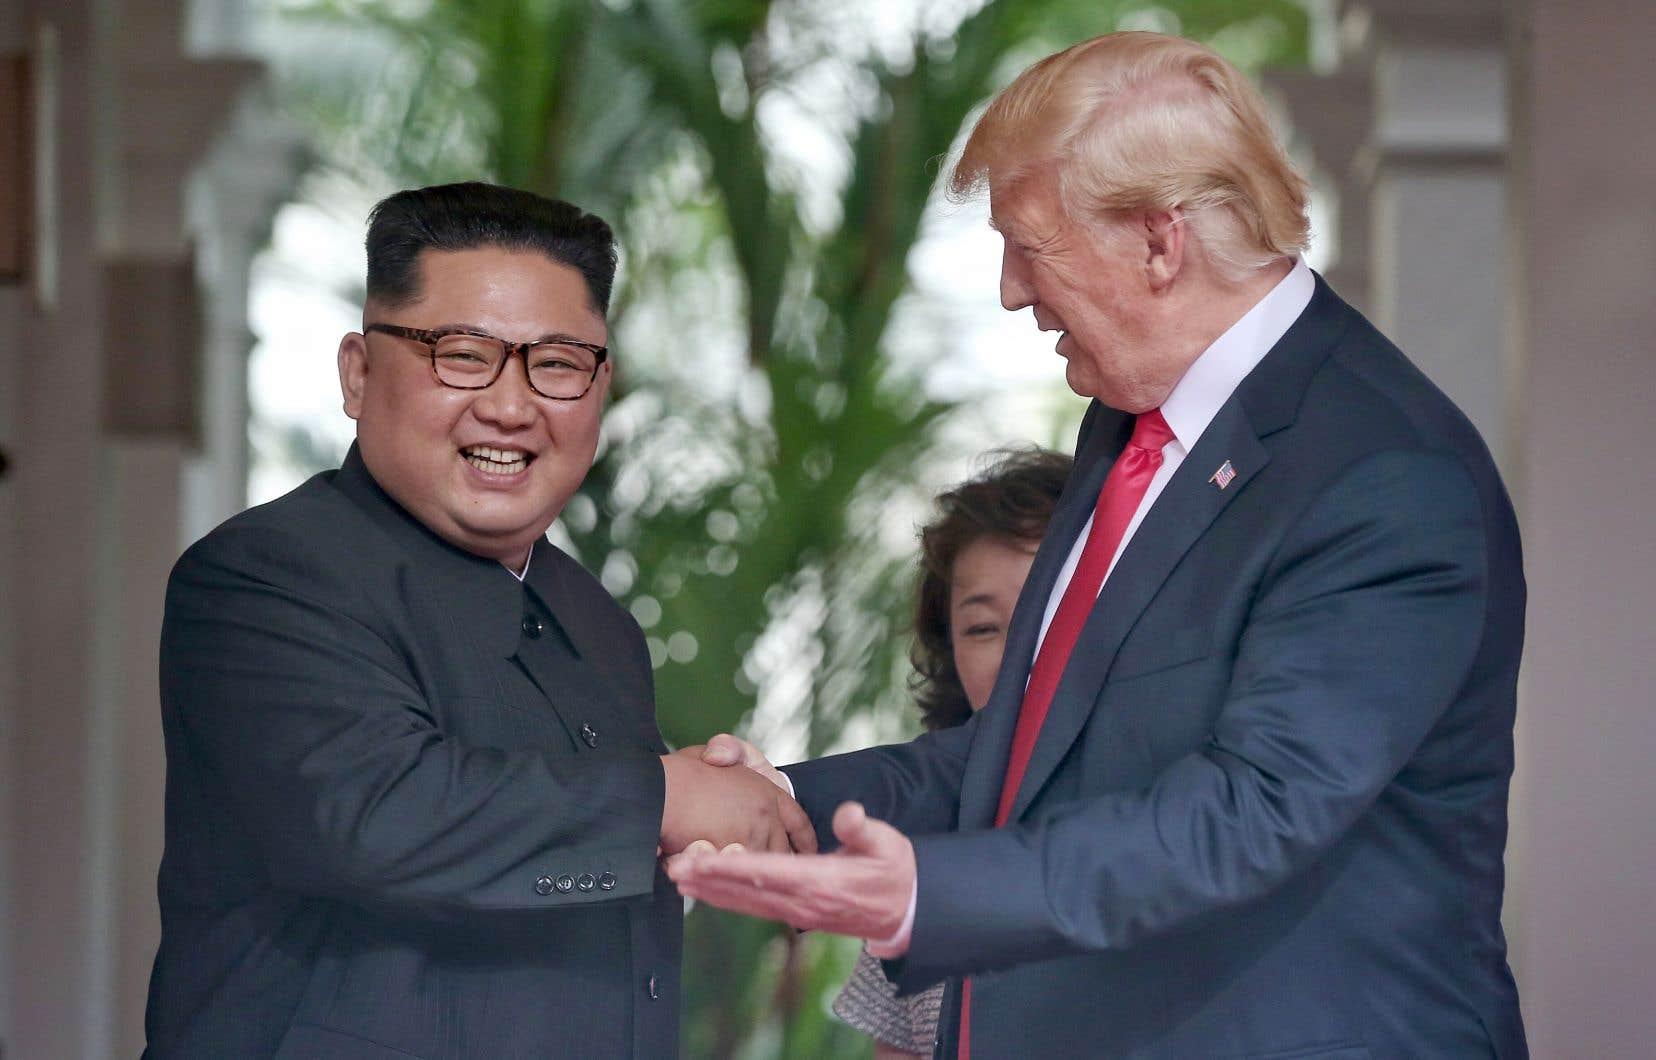 Après des semaines de tergiversation, les dirigeants américain et nord-coréen se sont bel et bien rencontrés, mardi, à Singapour.